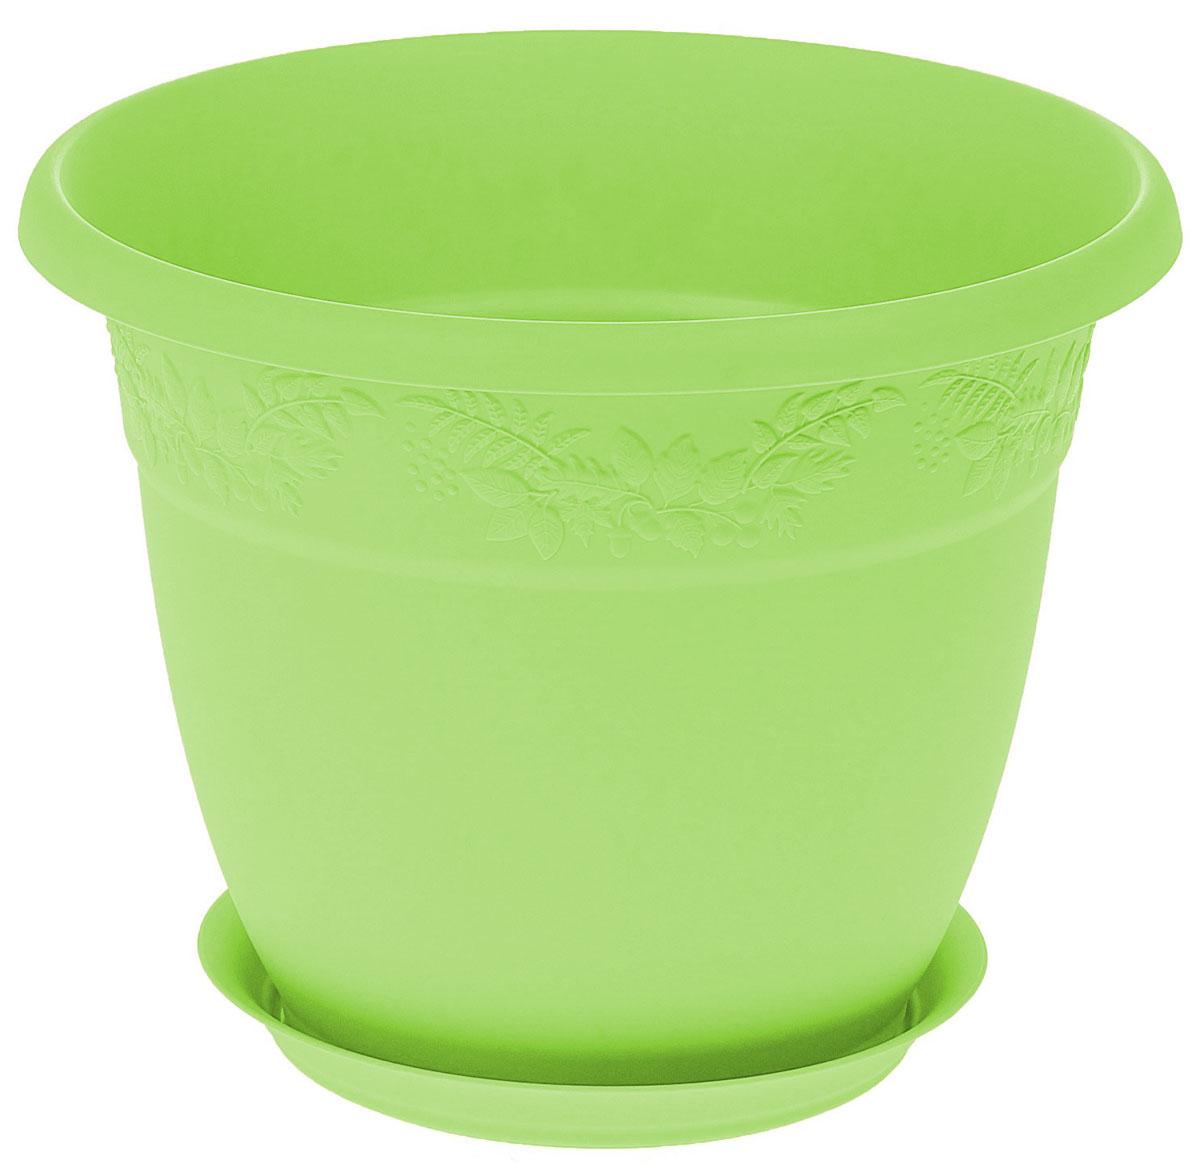 Кашпо Idea Рябина, с поддоном, цвет: мята, 3,6 л531-105Кашпо Idea Рябина изготовлено из высококачественного полипропилена (пластика). Специальный поддон предназначен для стока воды. Изделие прекрасно подходит для выращивания растений и цветов в домашних условиях. Лаконичный дизайн впишется в интерьер любого помещения. Диаметр поддона: 15 см. Объем кашпо: 3,6 л.Диаметр кашпо по верхнему краю: 22 см.Высота кашпо: 17,5 см.